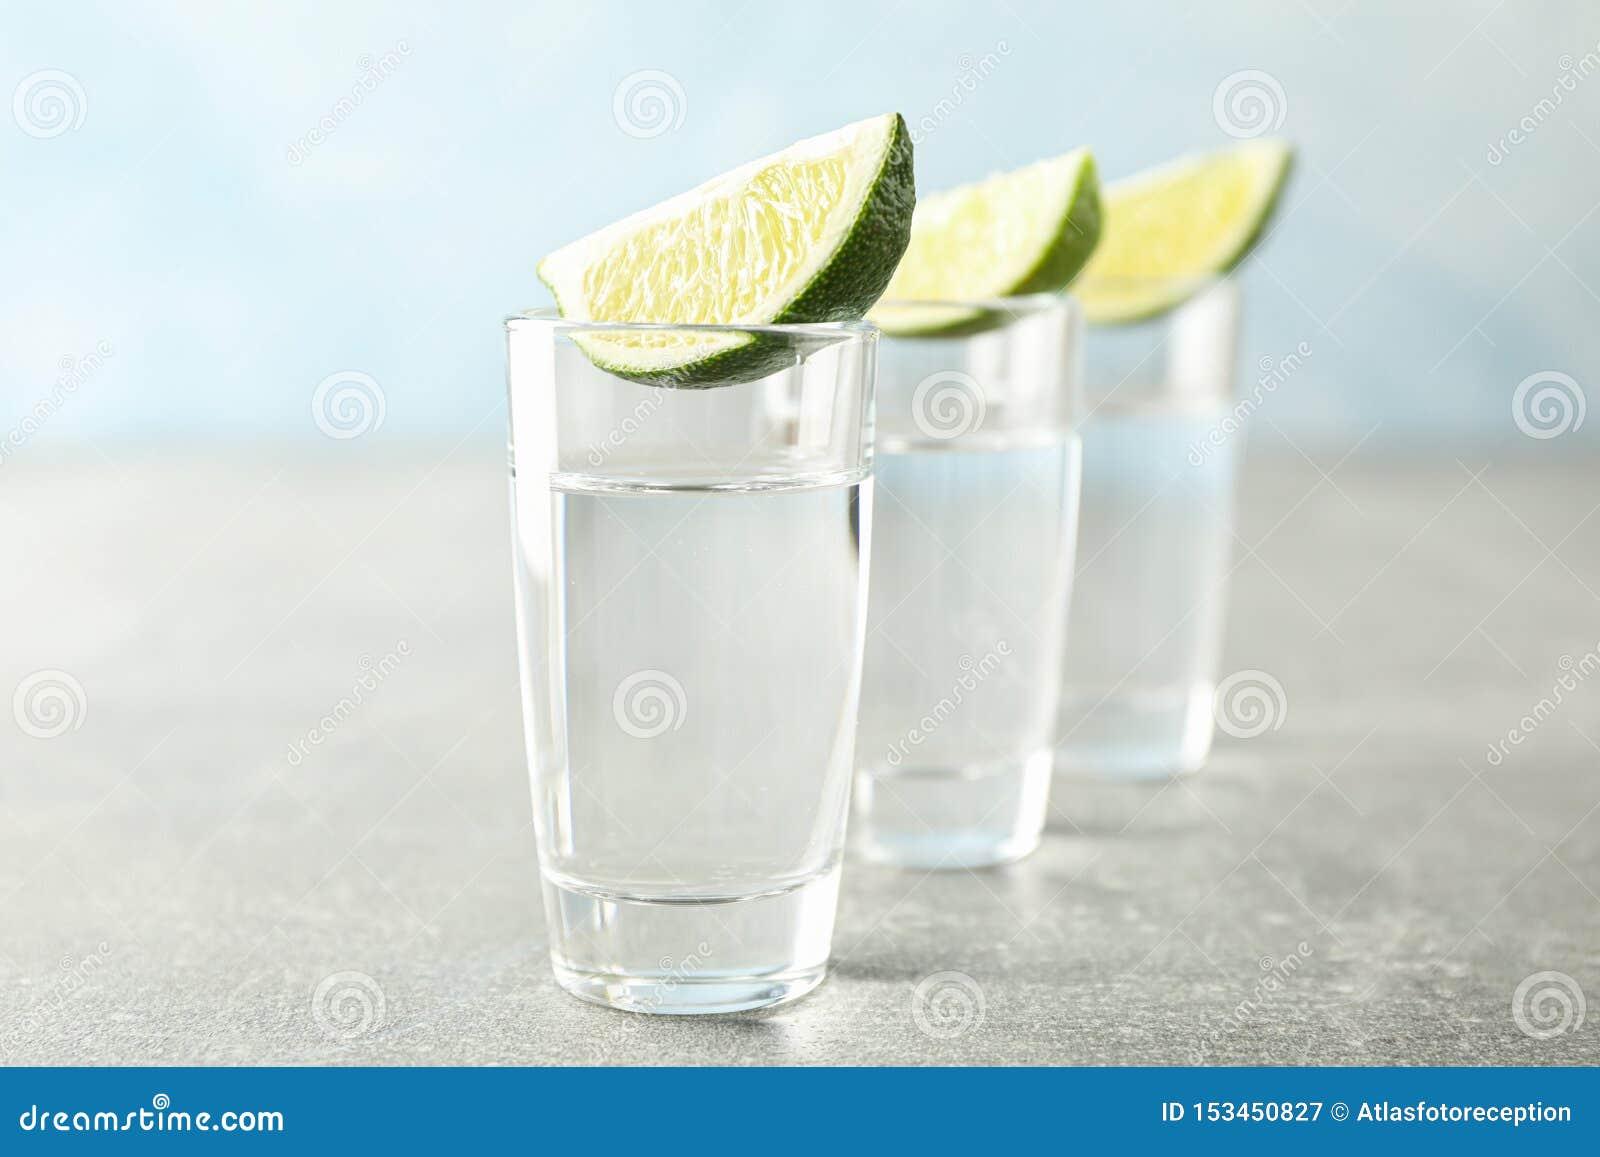 Tirs de tequila avec des tranches de chaux